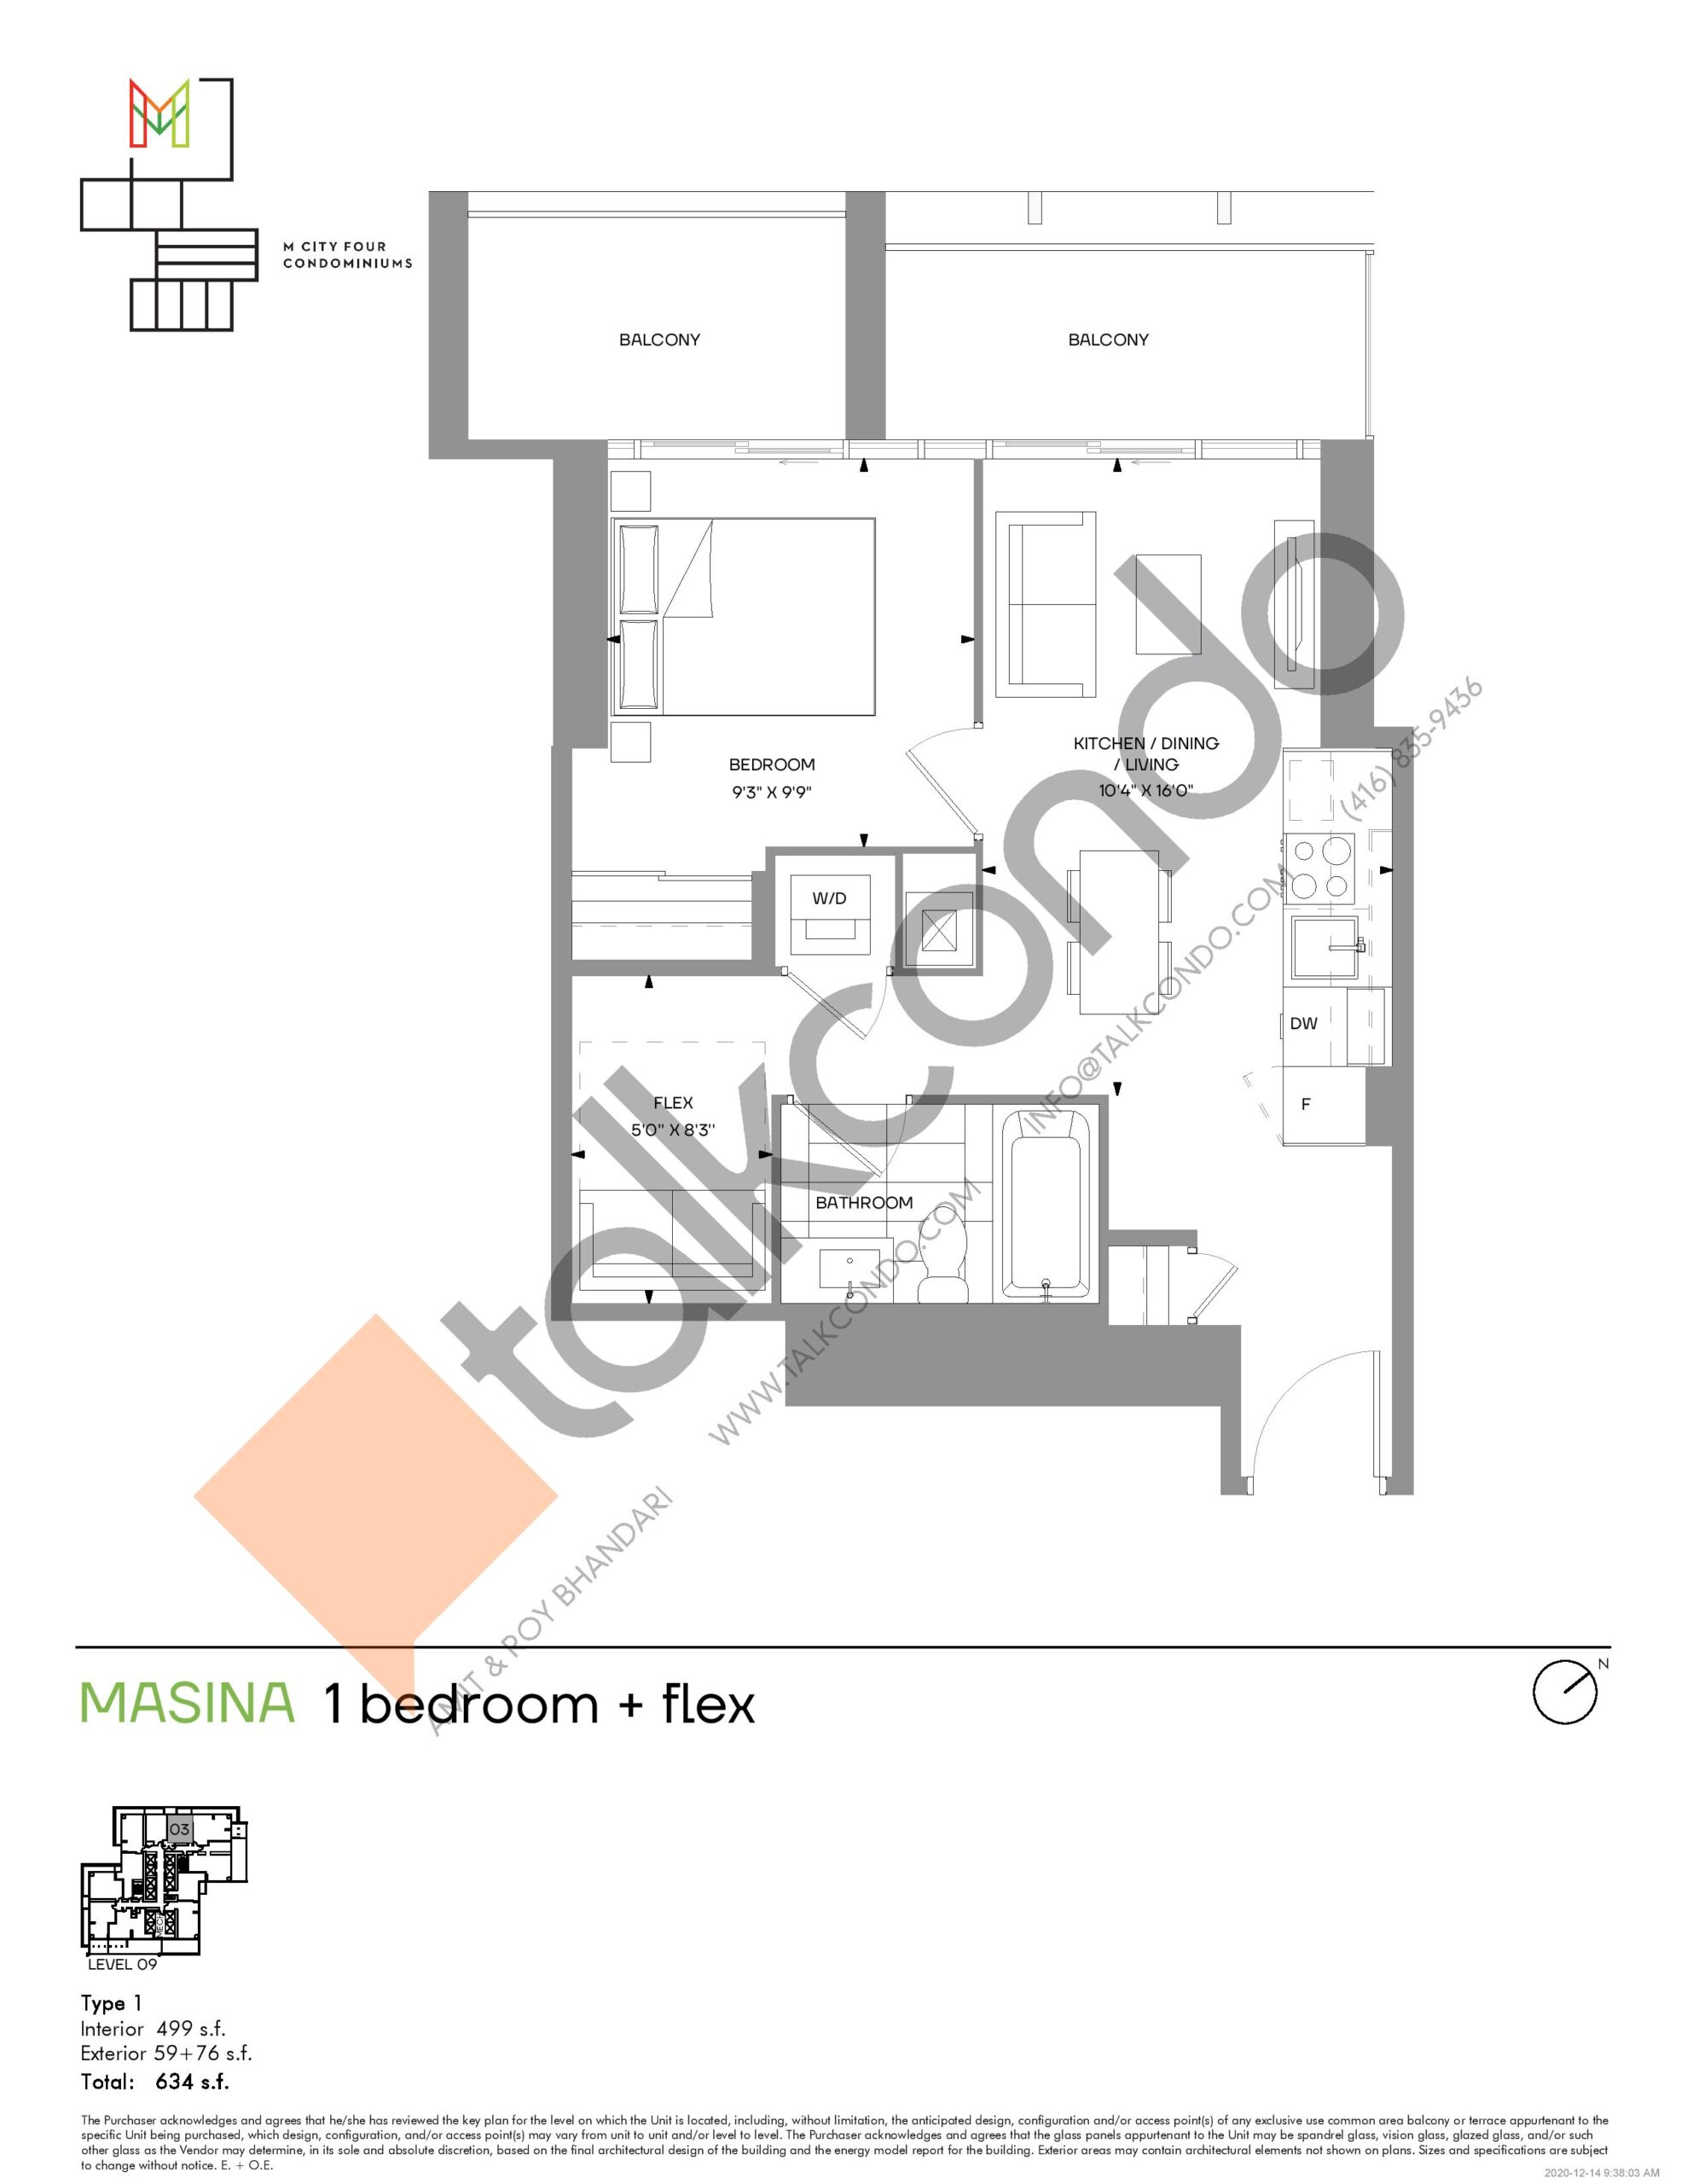 Masina (Tower) Floor Plan at M4 Condos - 499 sq.ft